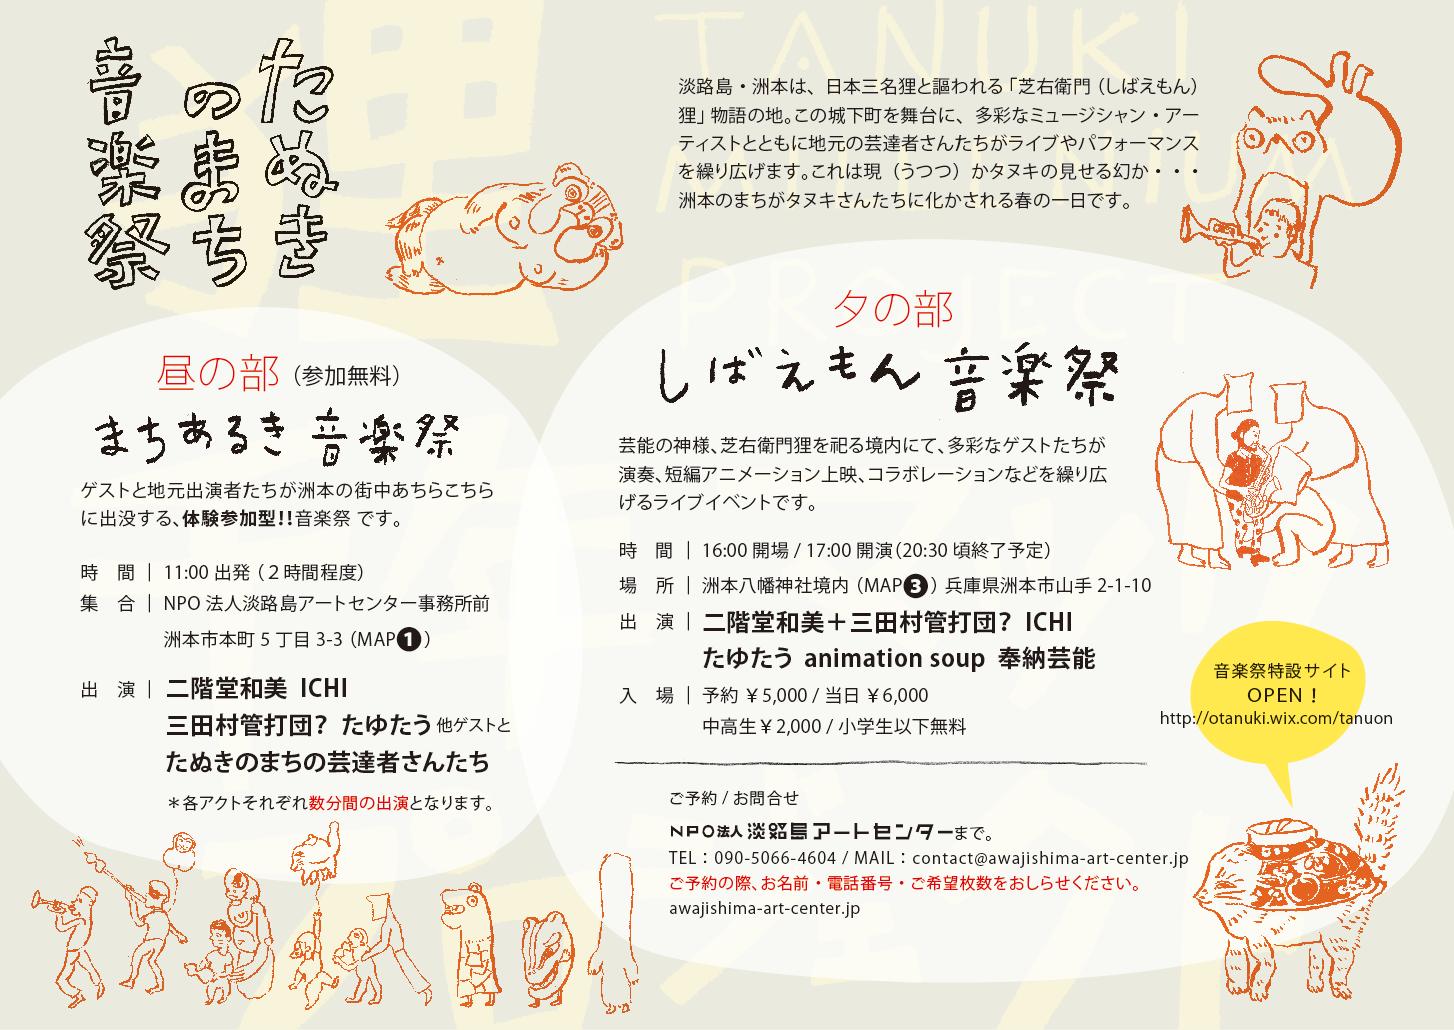 4/25(土) 淡路!いざ洲本へ!『たぬきのまち音楽祭』_b0057887_15422996.png